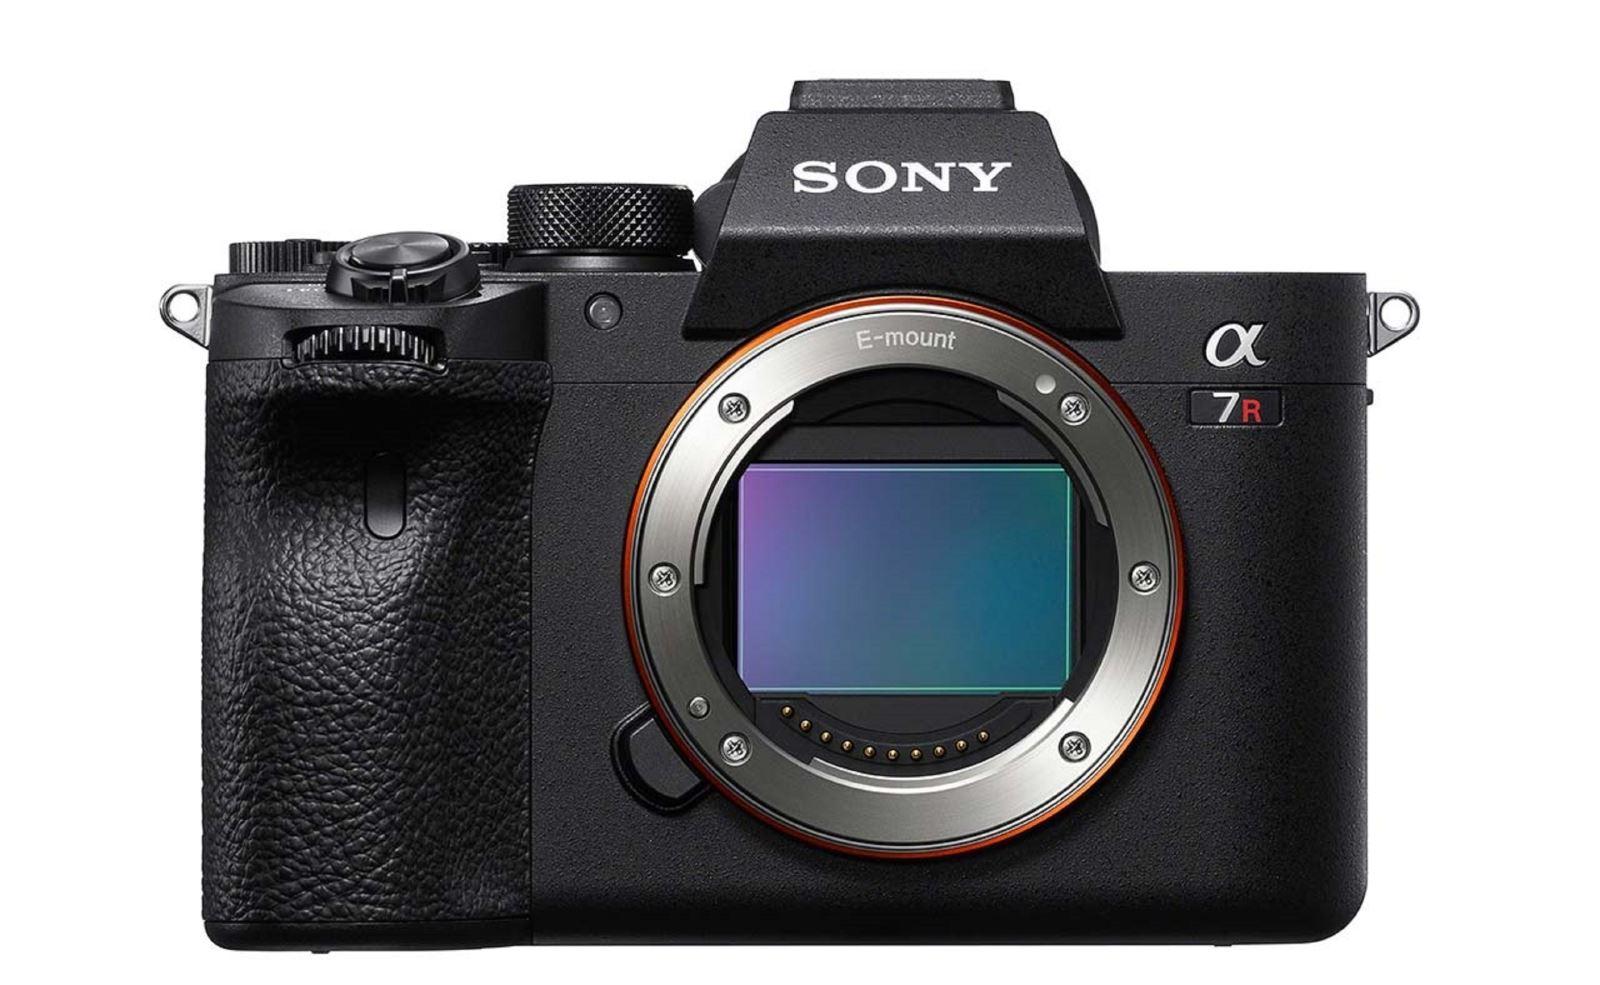 Sony ra mắt a7R IV:máy ảnh mirrorless full-frame cảm biến 61MP đầu tiên thế giới, giá 3,500 USD